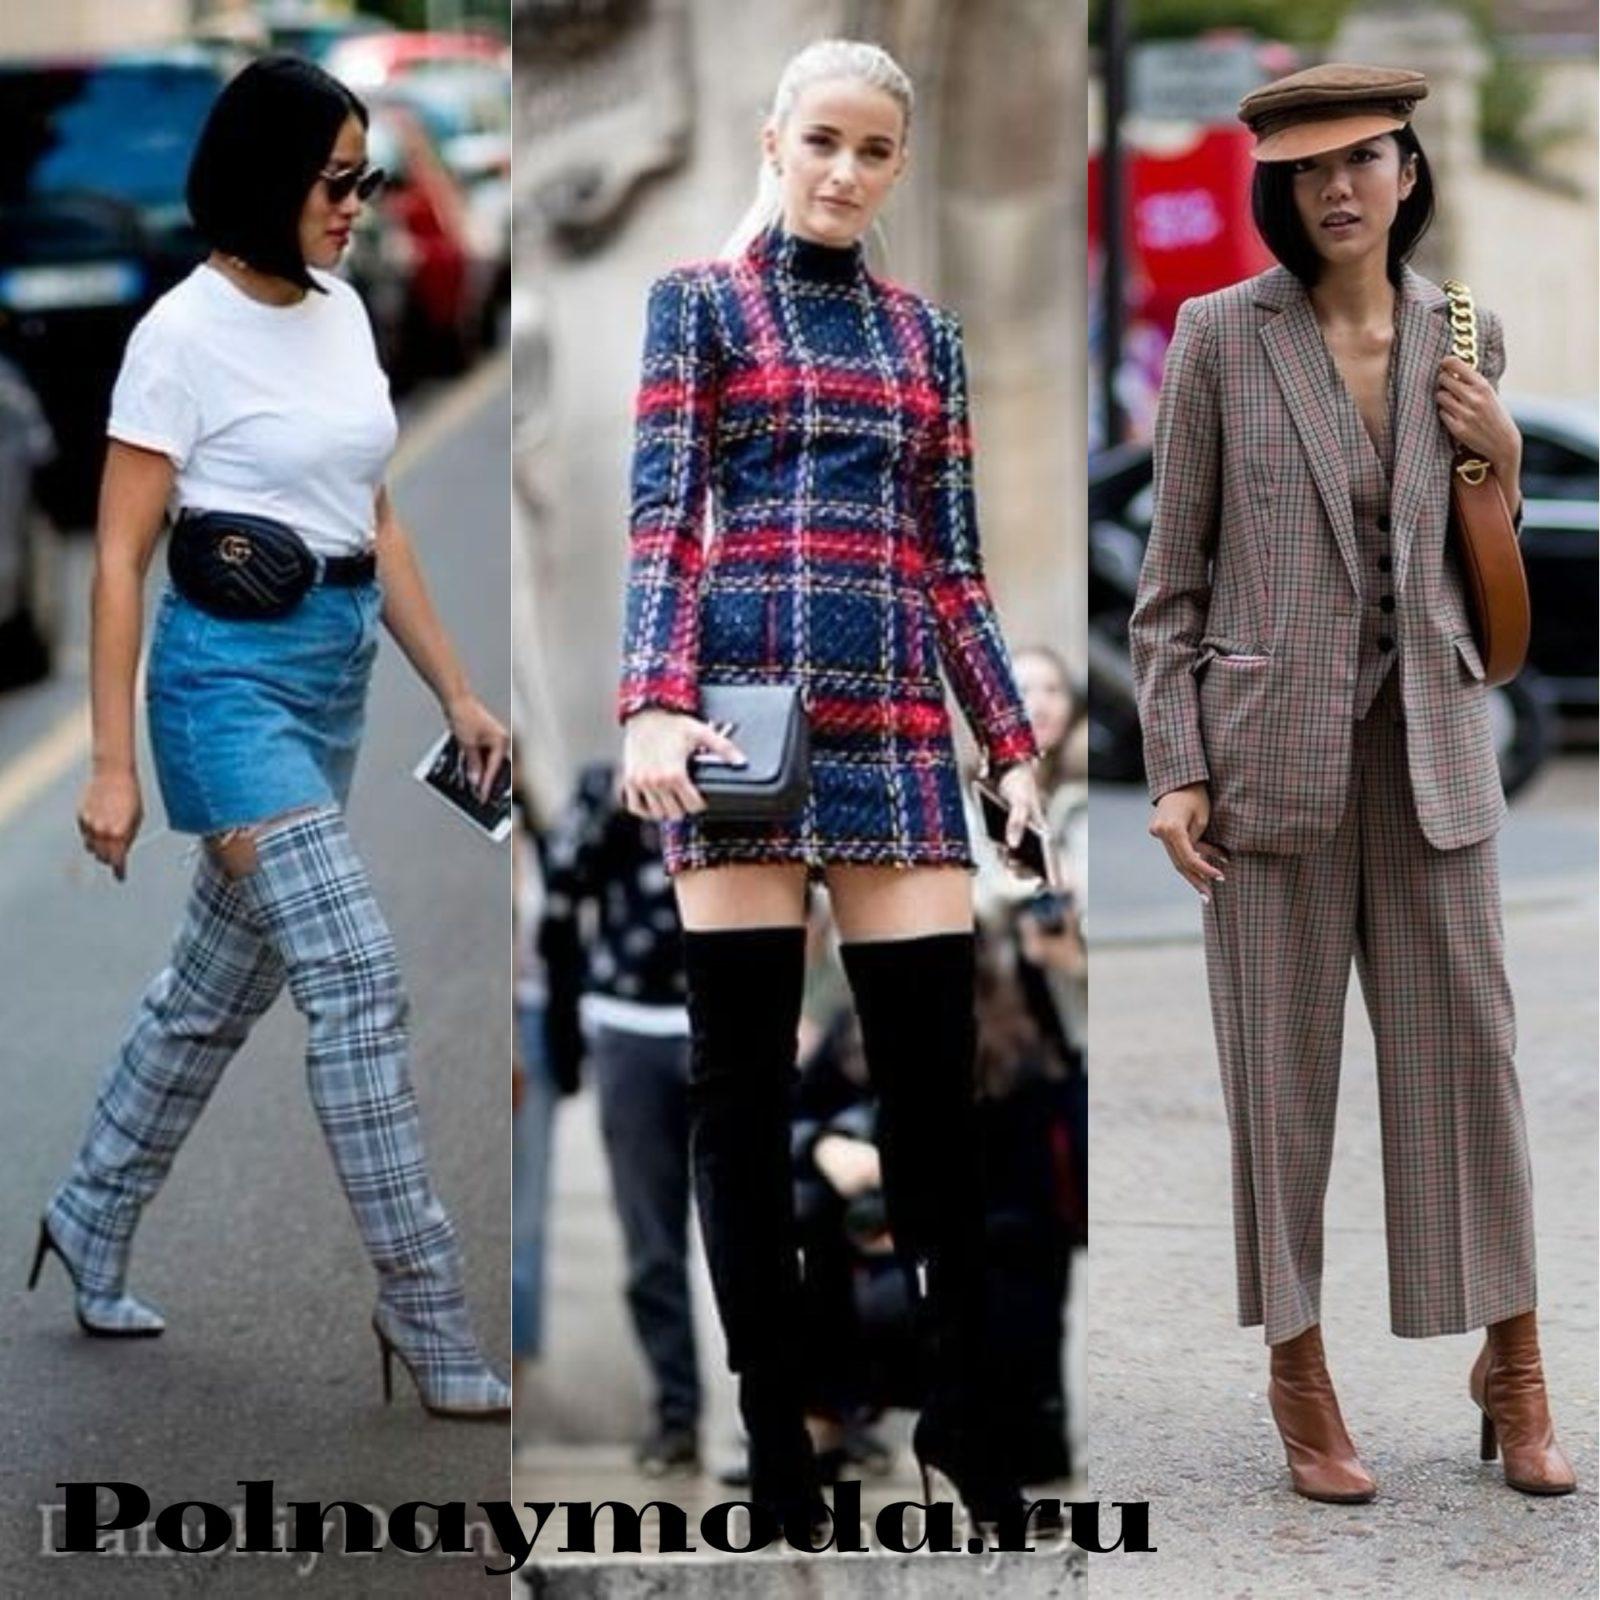 уличная мода 2018 модная крупная и мелкая клетка в одежде